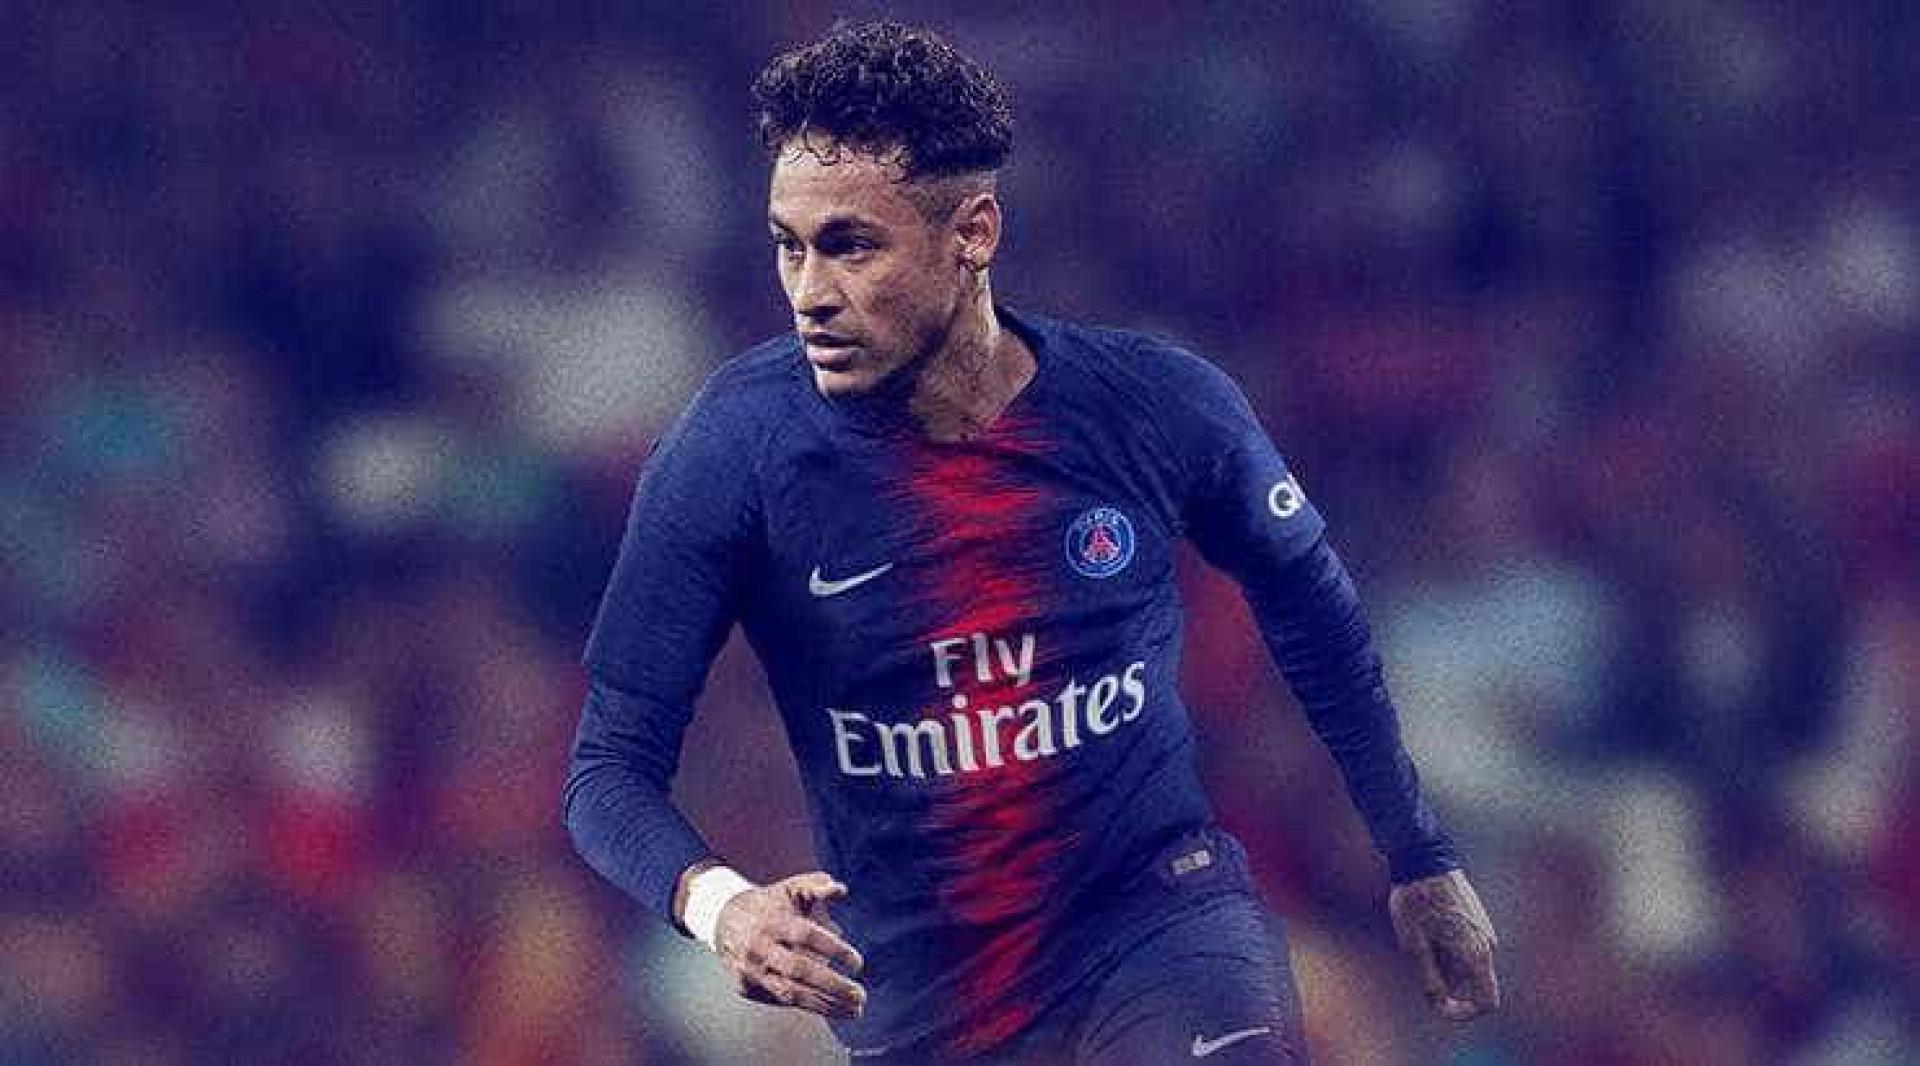 Site lista os piores uniformes de times europeus na temporada 2018/19